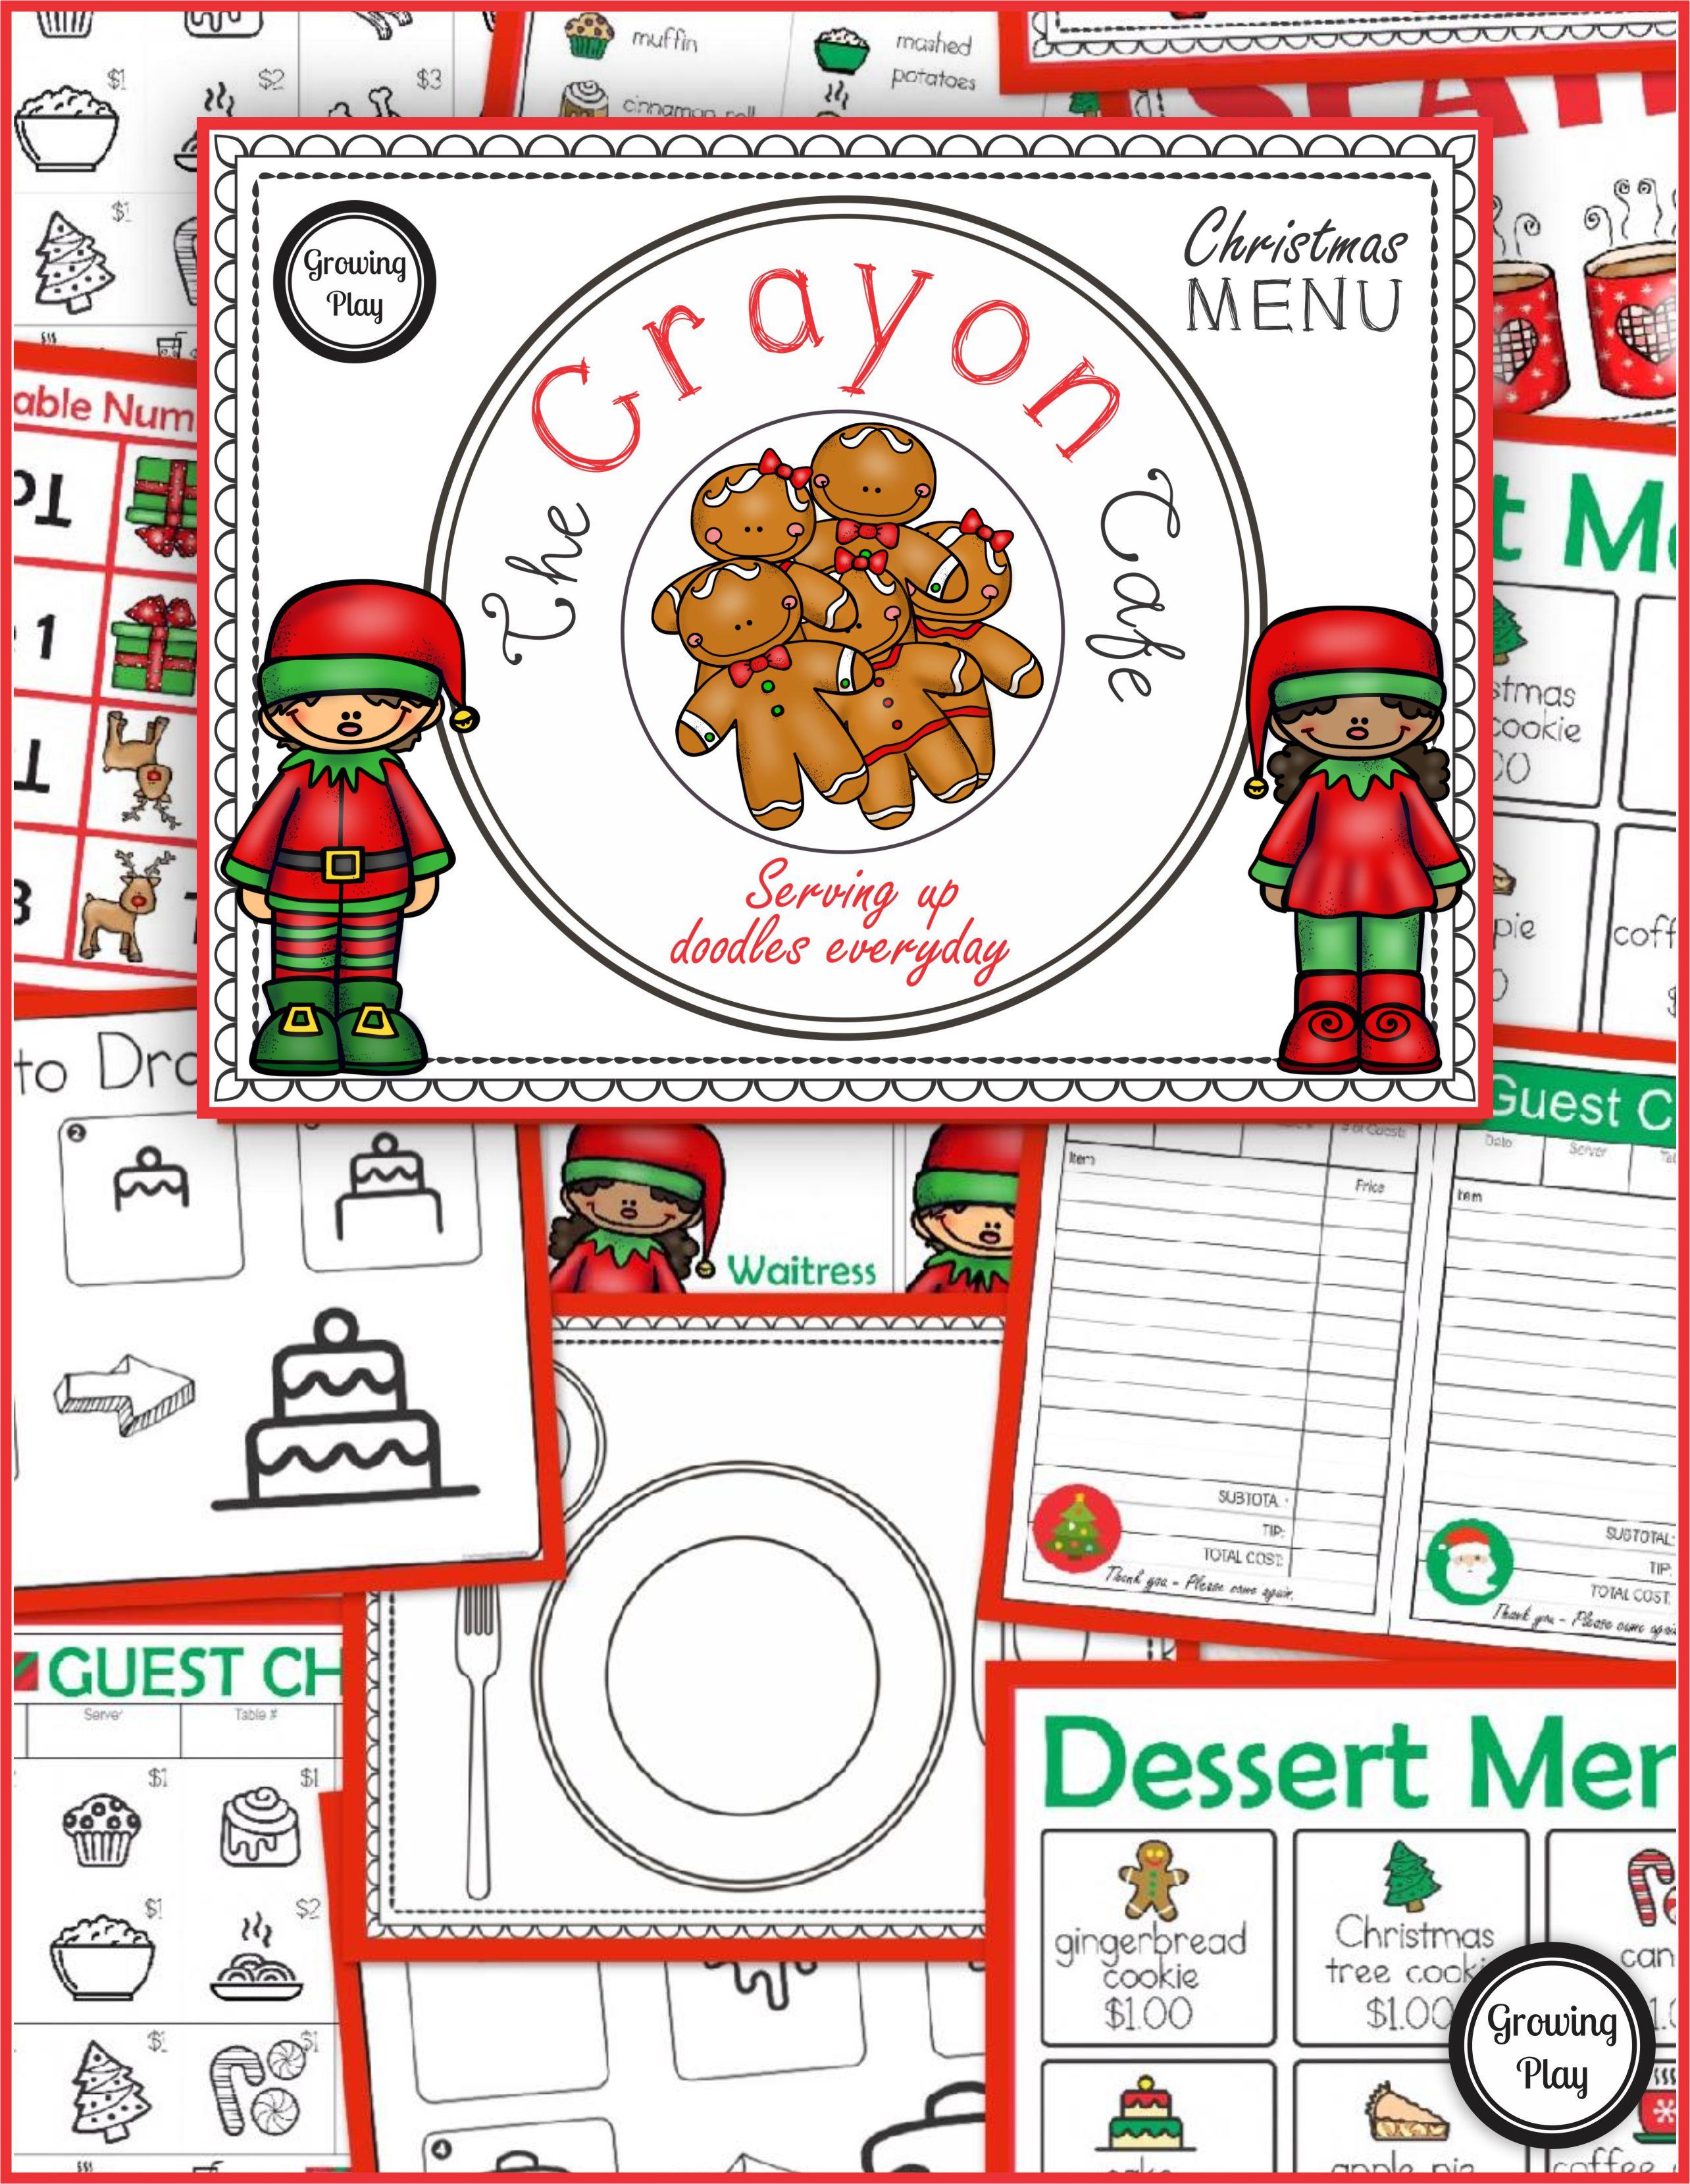 The Christmas Caryon Cafe